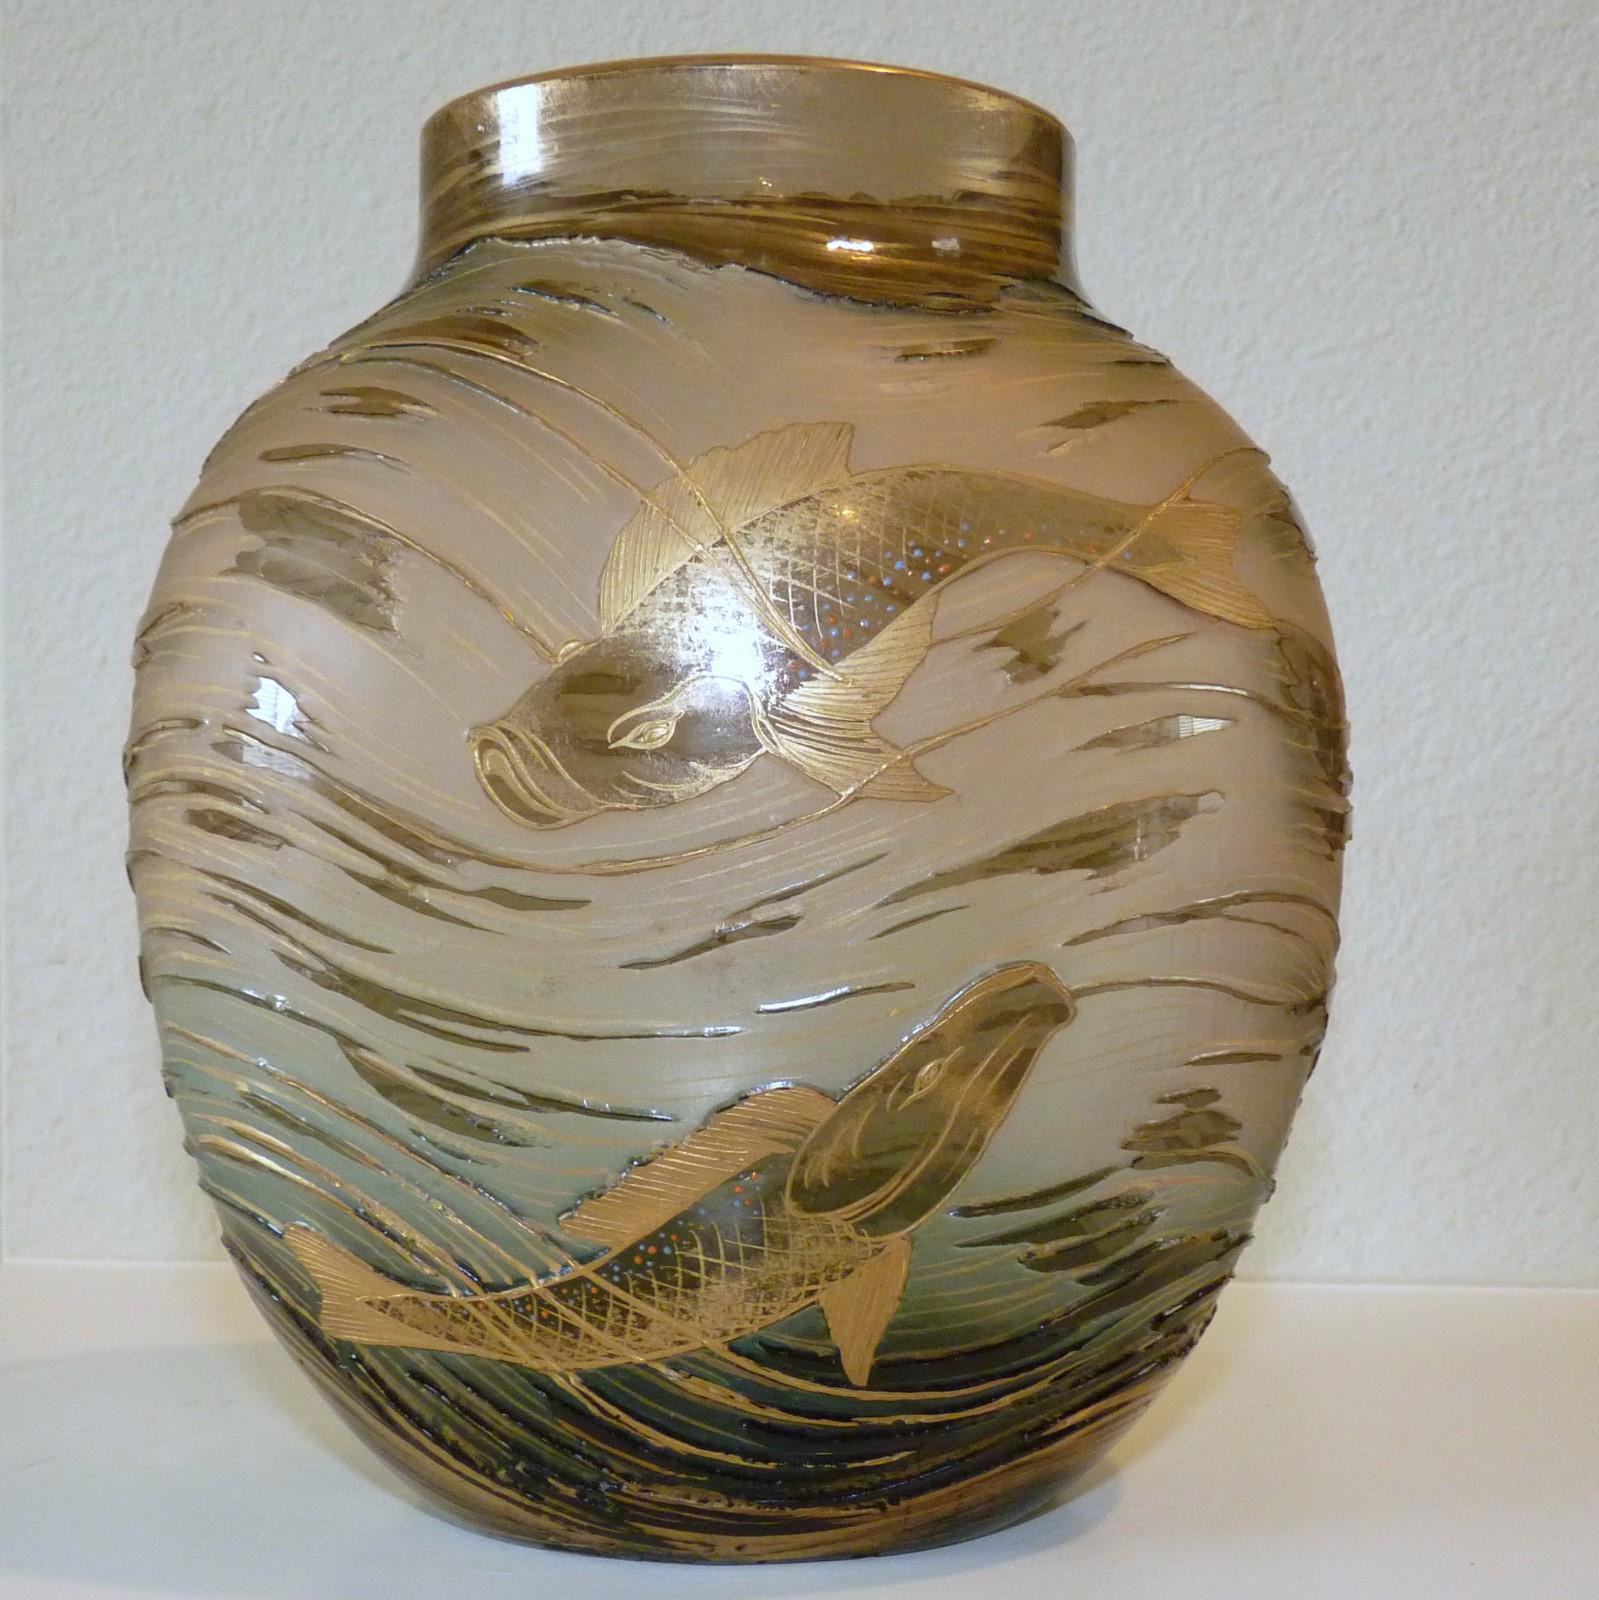 Thegildedcurio harrach 918 art nouveau cameo glass vase with koi fish harrach glass reviewsmspy